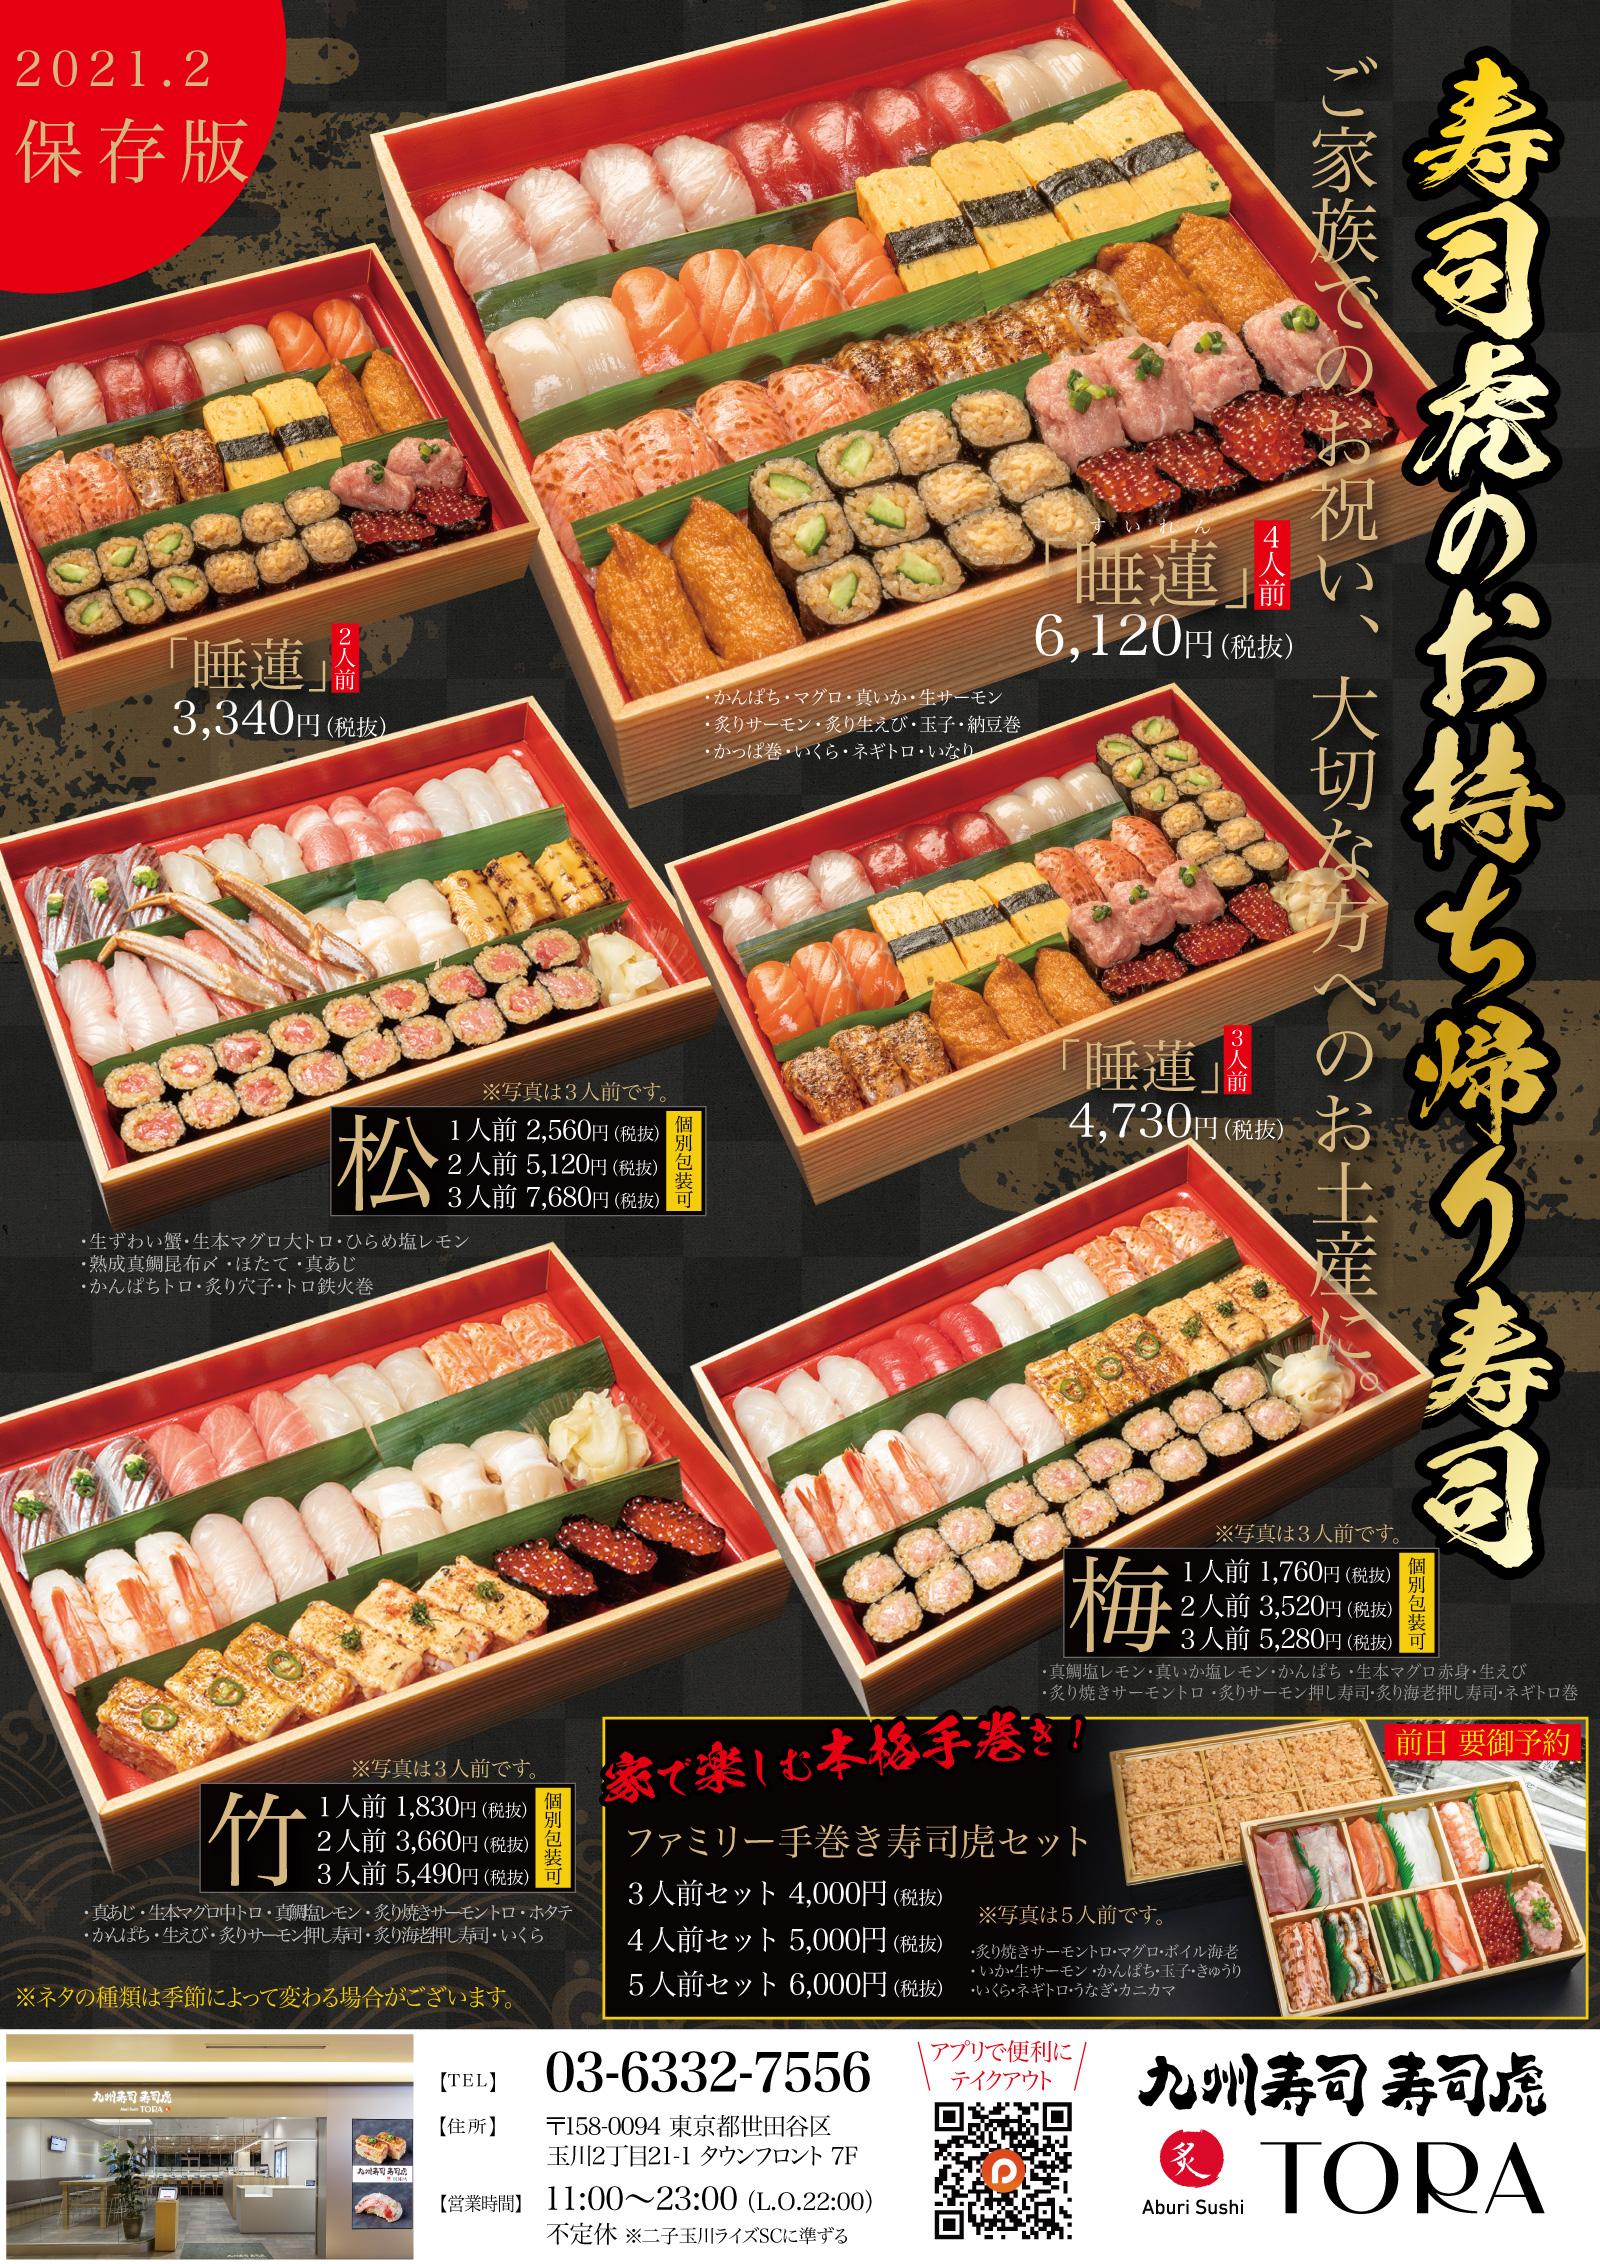 寿司虎のお持ち帰り寿司